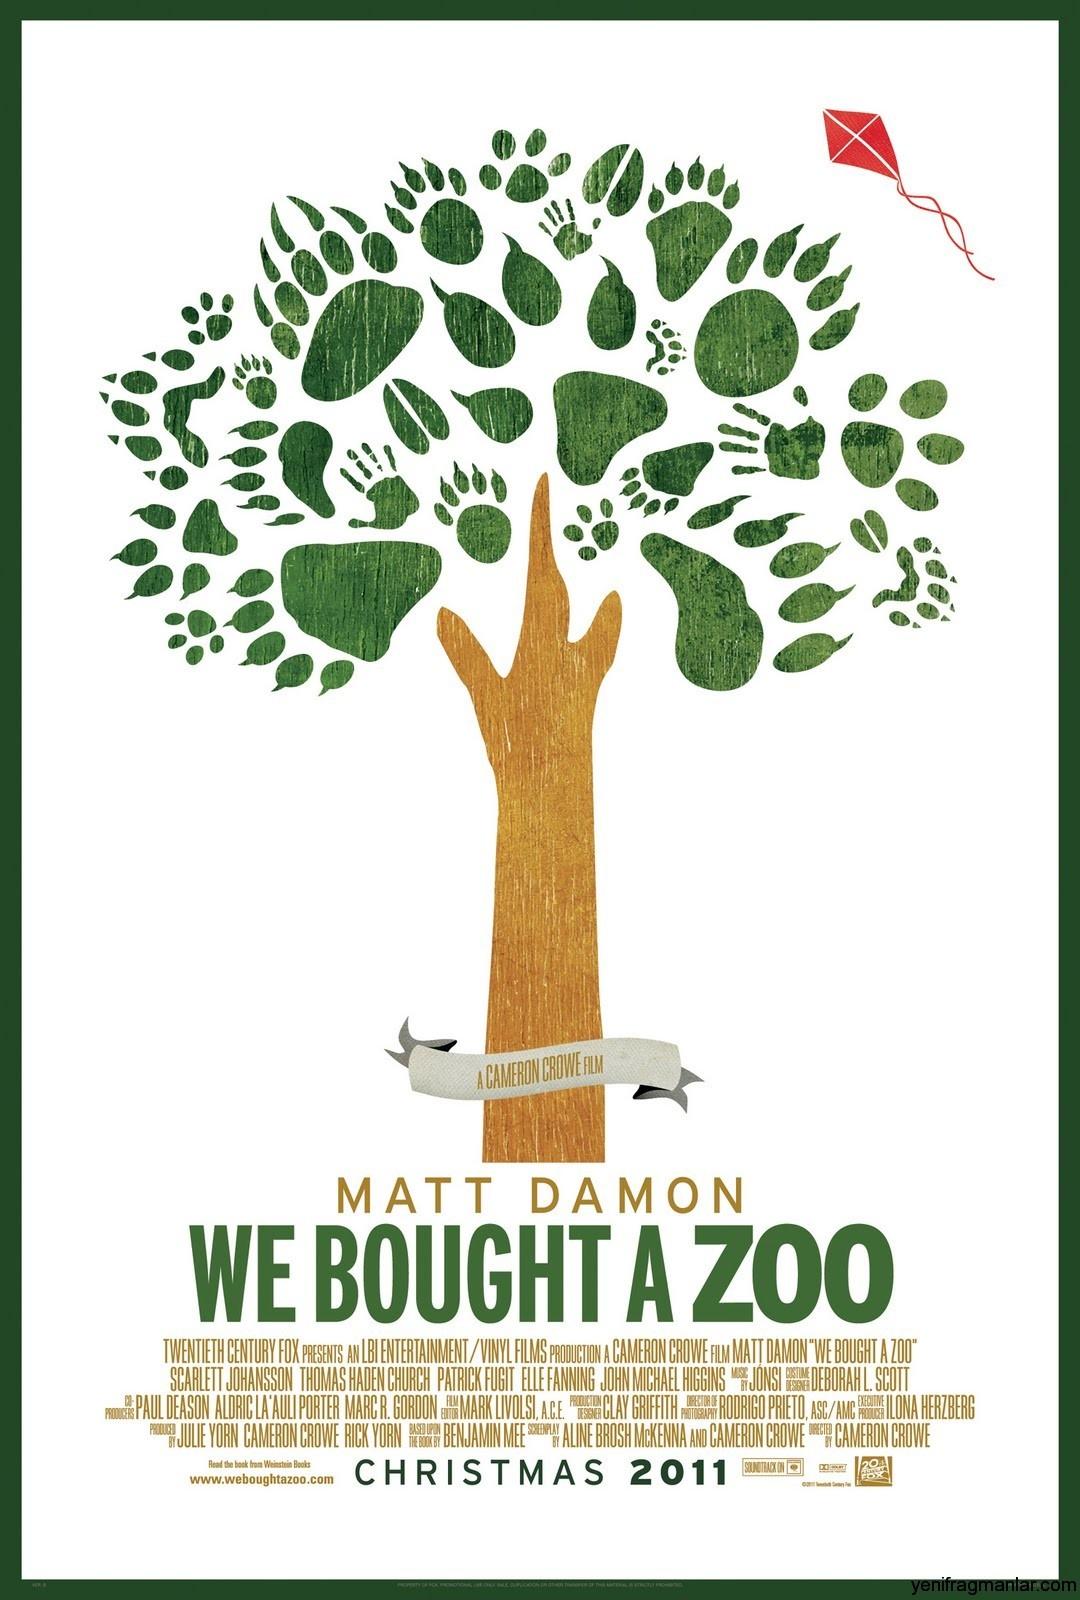 http://3.bp.blogspot.com/-bElkGjkFJ8M/T0aci0YDthI/AAAAAAAAAhw/a7isAF7hfSg/s1600/We-Bought-A-Zoo-artsy-Poster.jpg